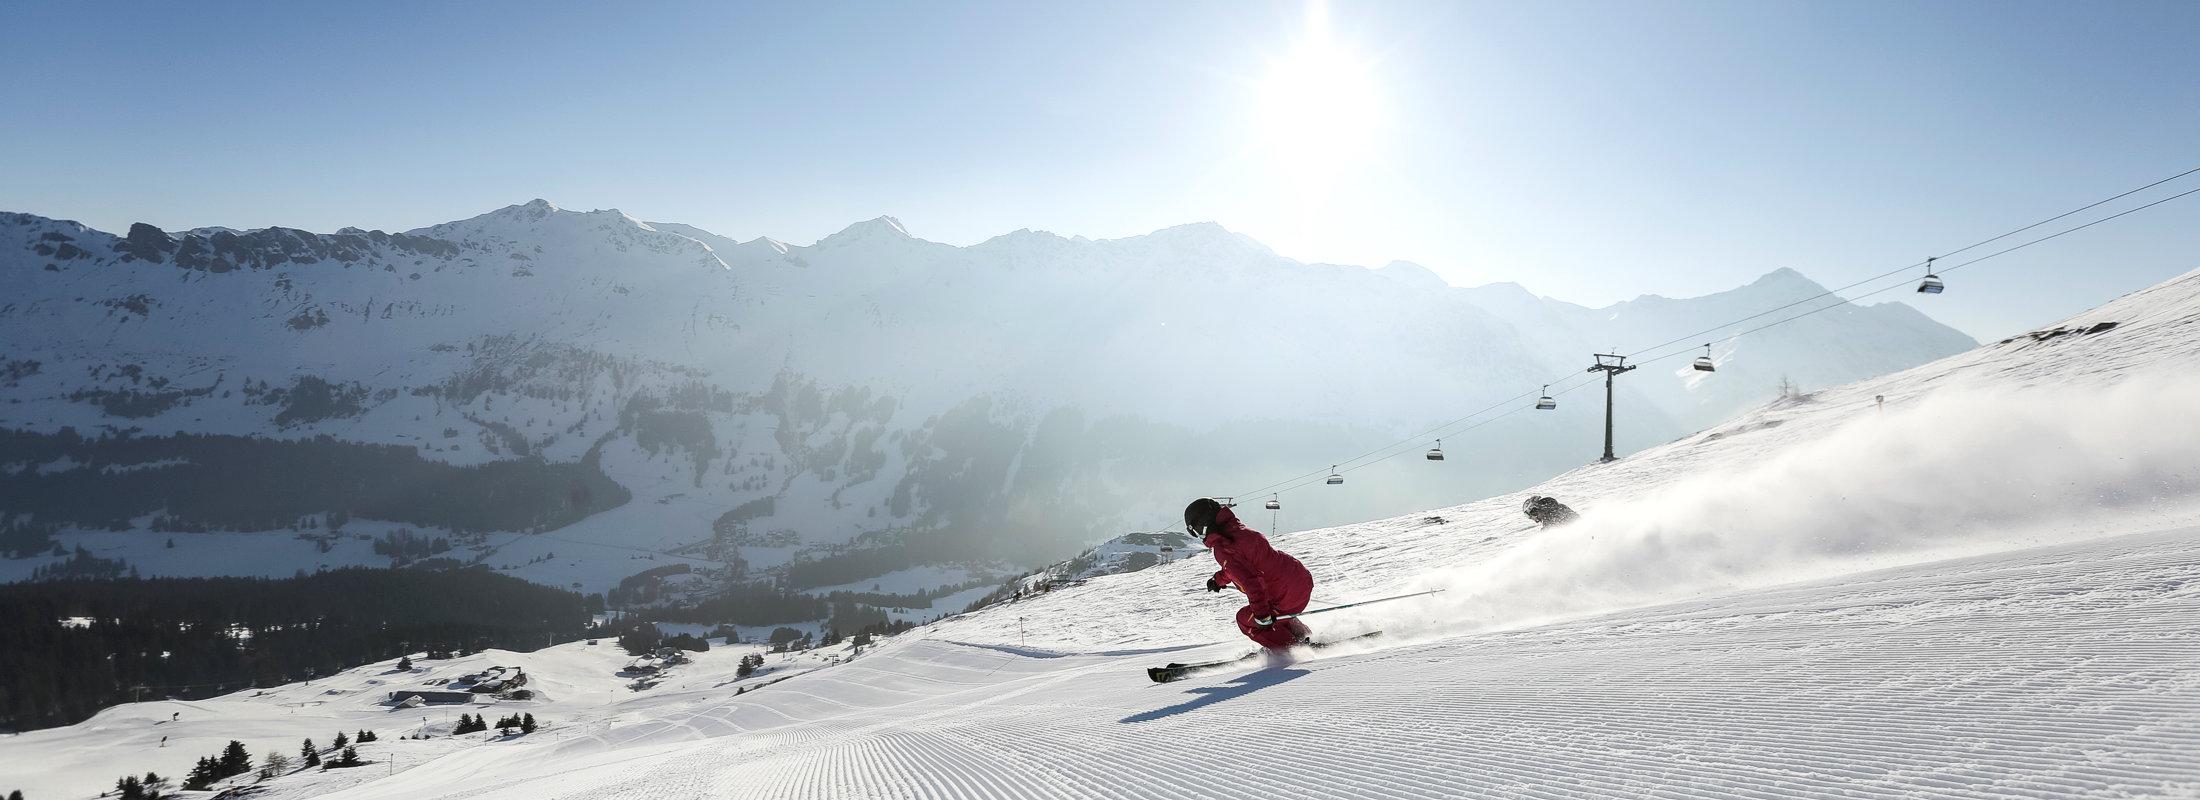 Zell am Ziller, Dein Lieblingsplatz in Tirol.